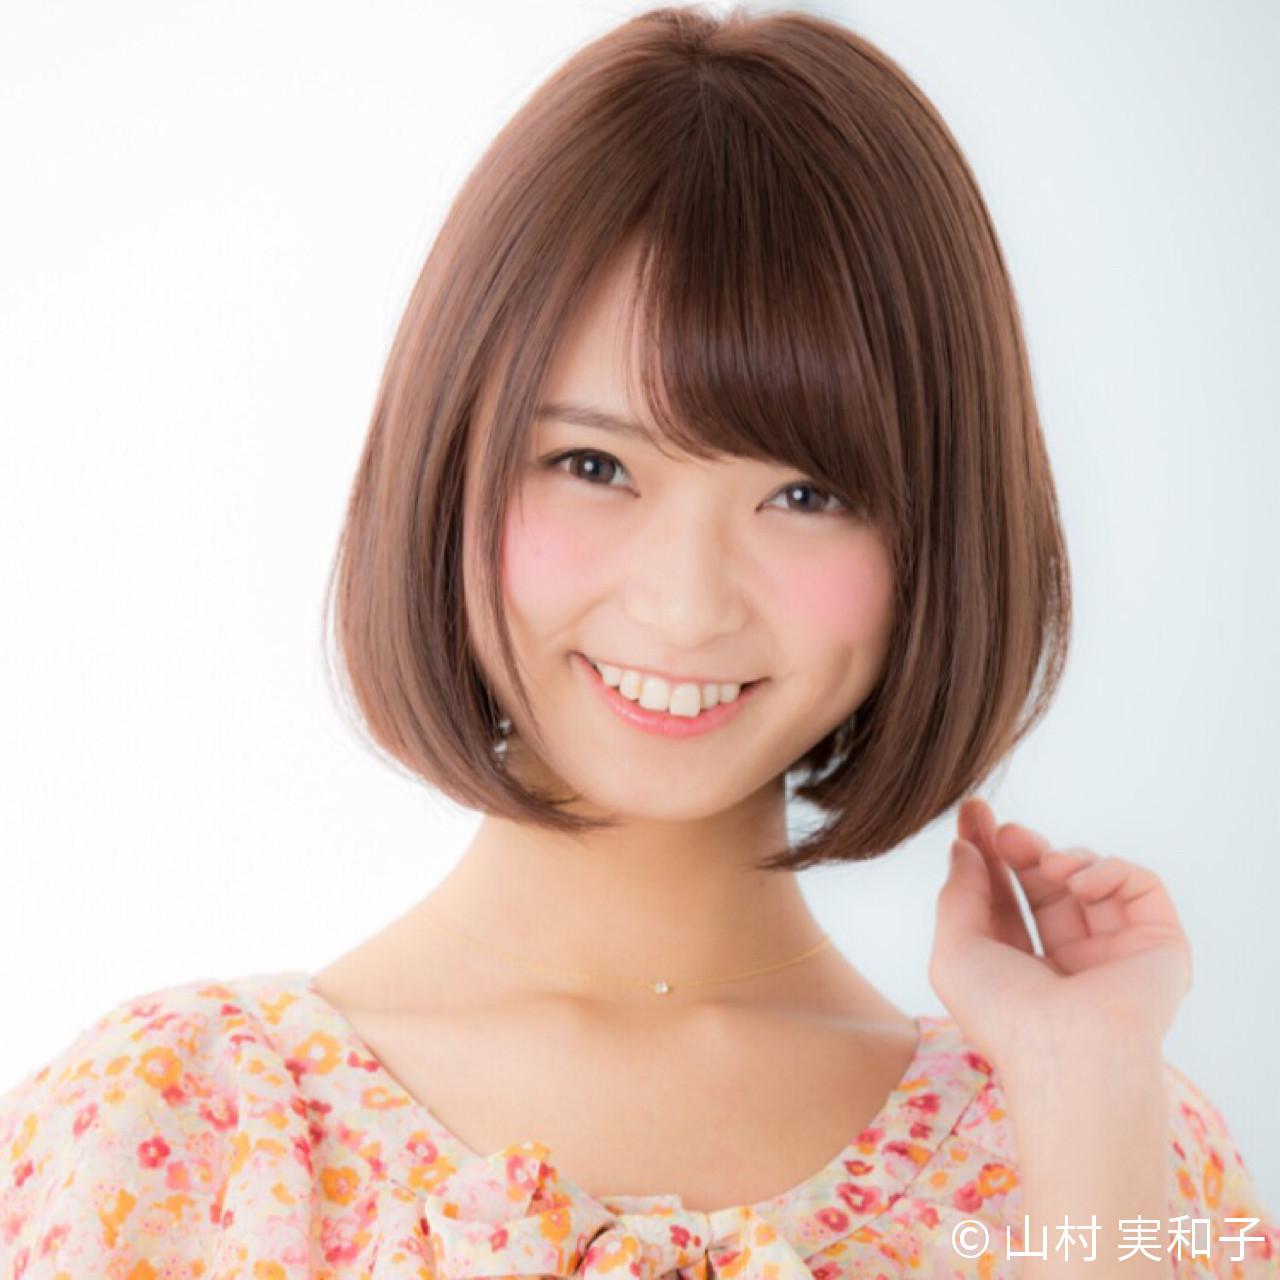 【種類別】挑戦したくなる人気のショートスタイルを一挙大公開♡ 山村 実和子